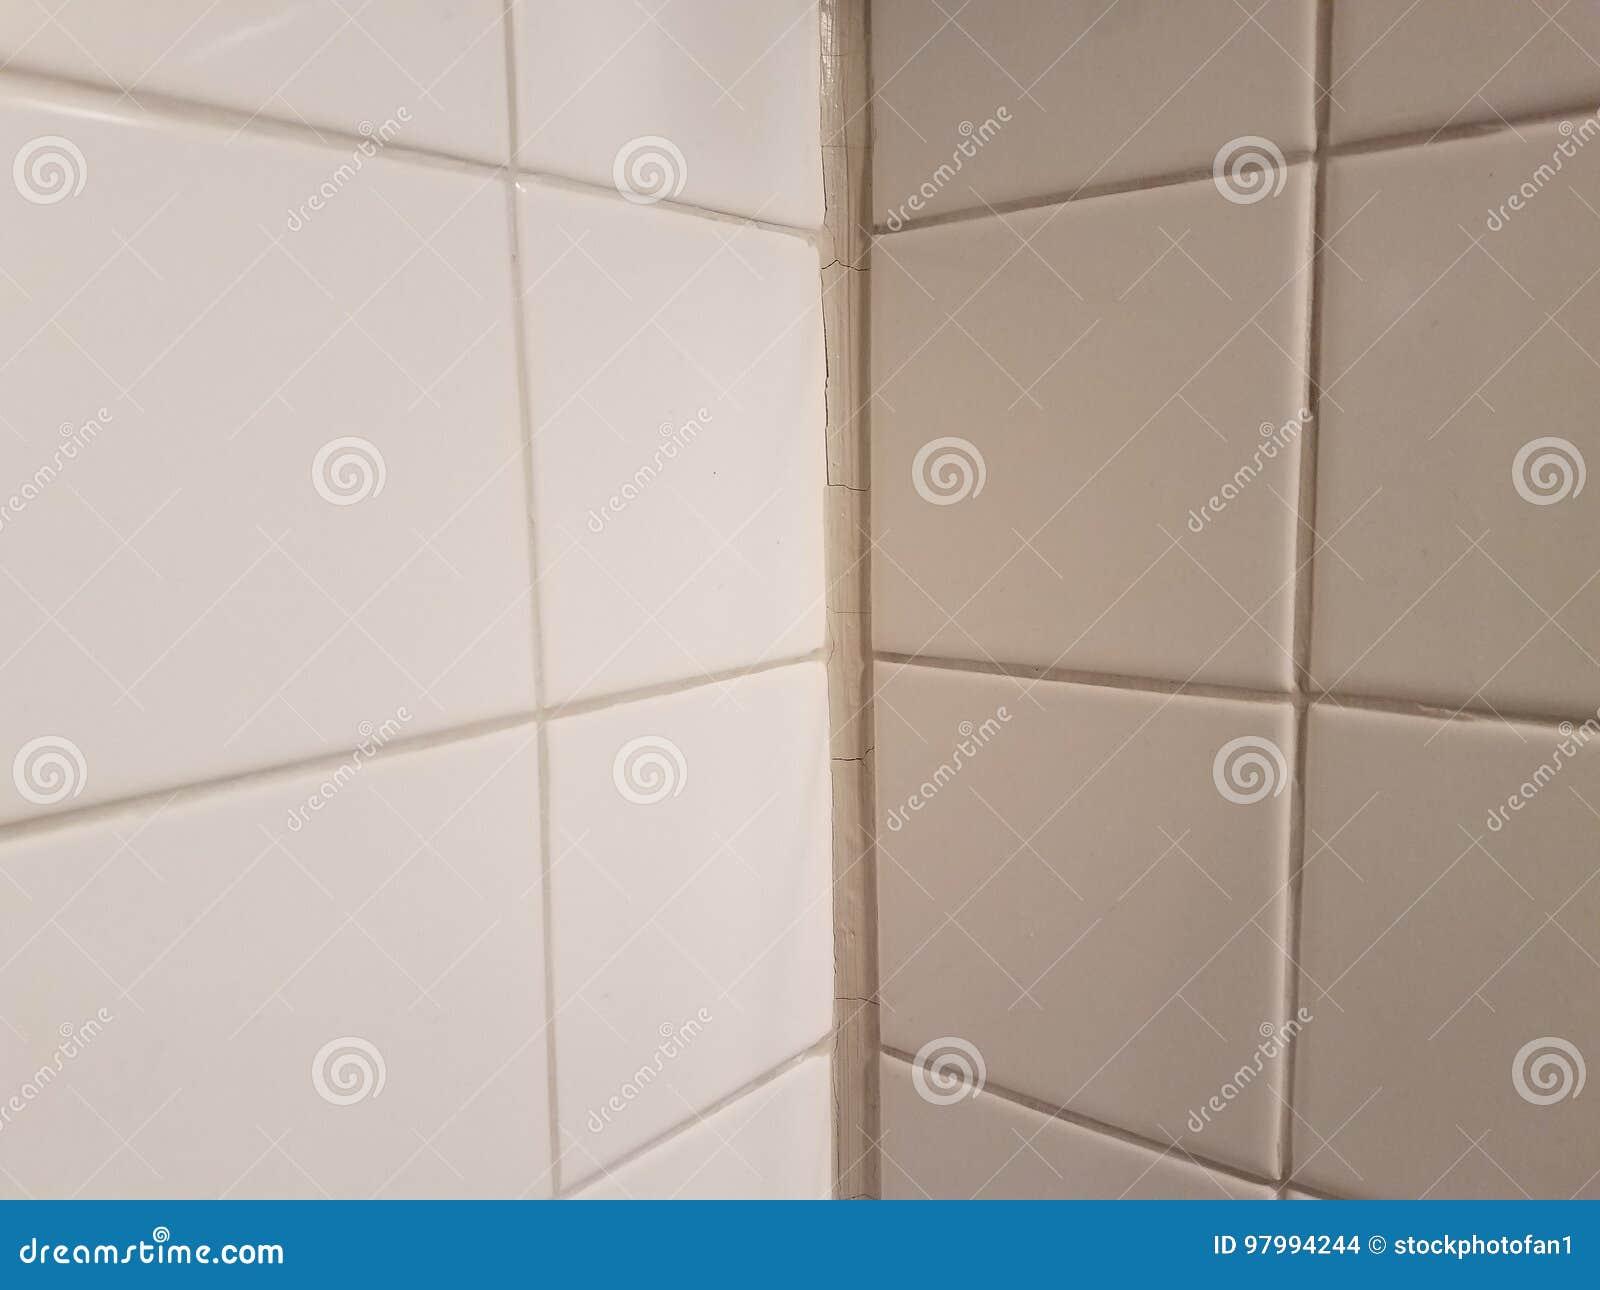 Ecke Im Weißen Fliesenbadezimmer Mit Weiß Kalfatern Stockfoto - Bild ...